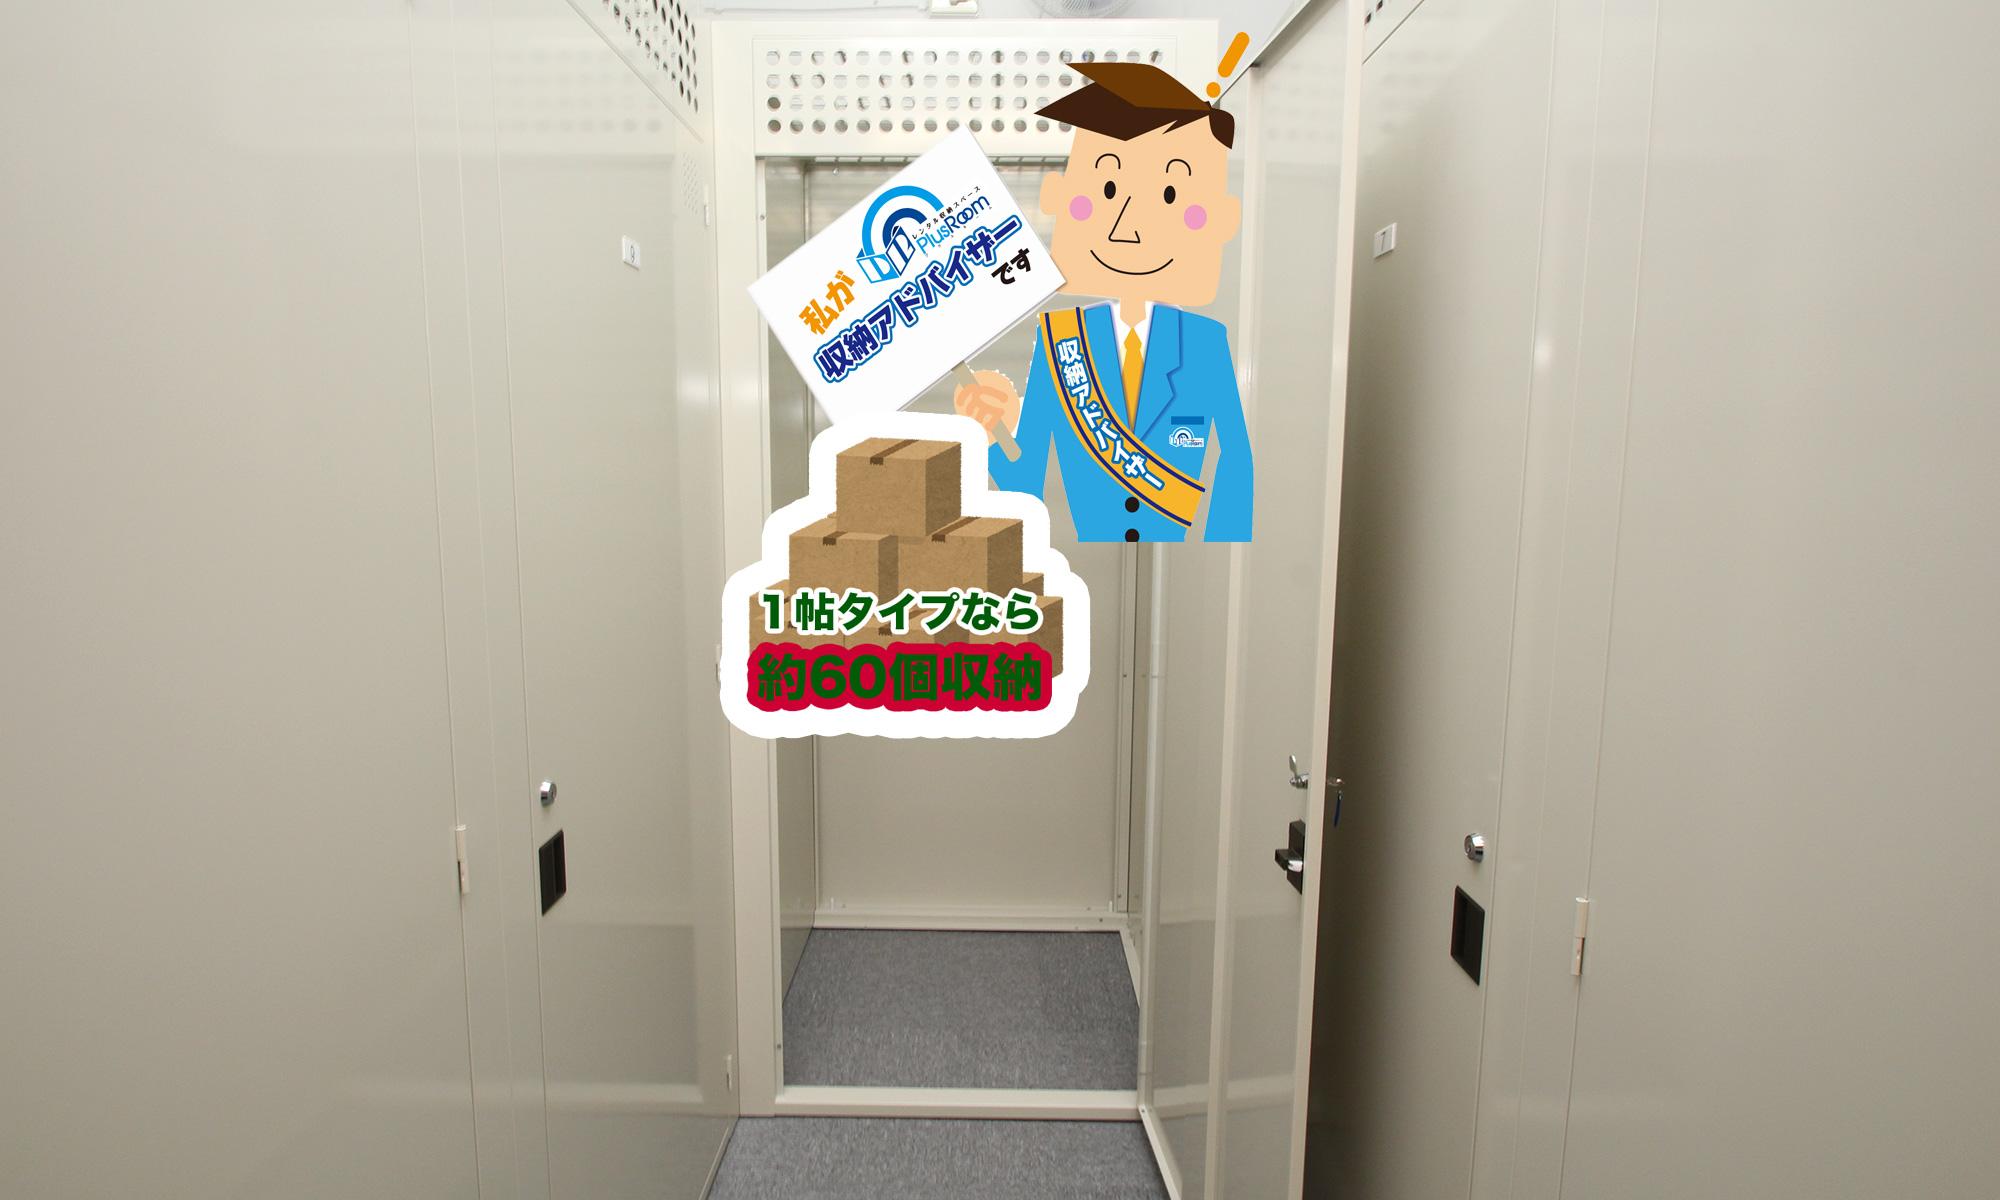 横浜市鶴見区のトランクルーム